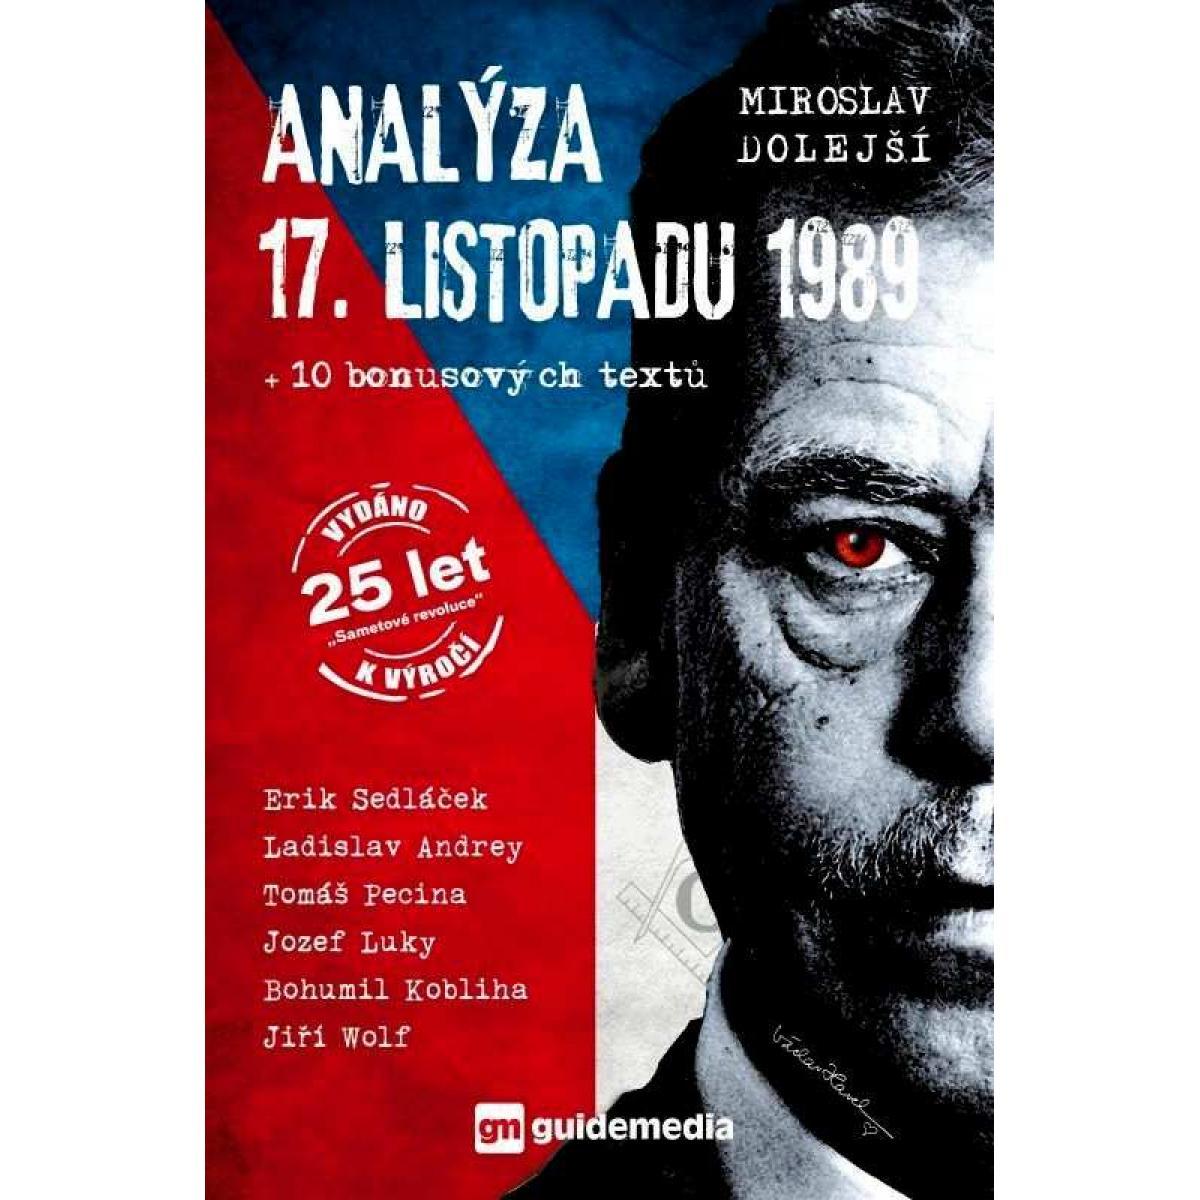 Analýza 17. Listopadu 1989 - Dolejší Miroslav